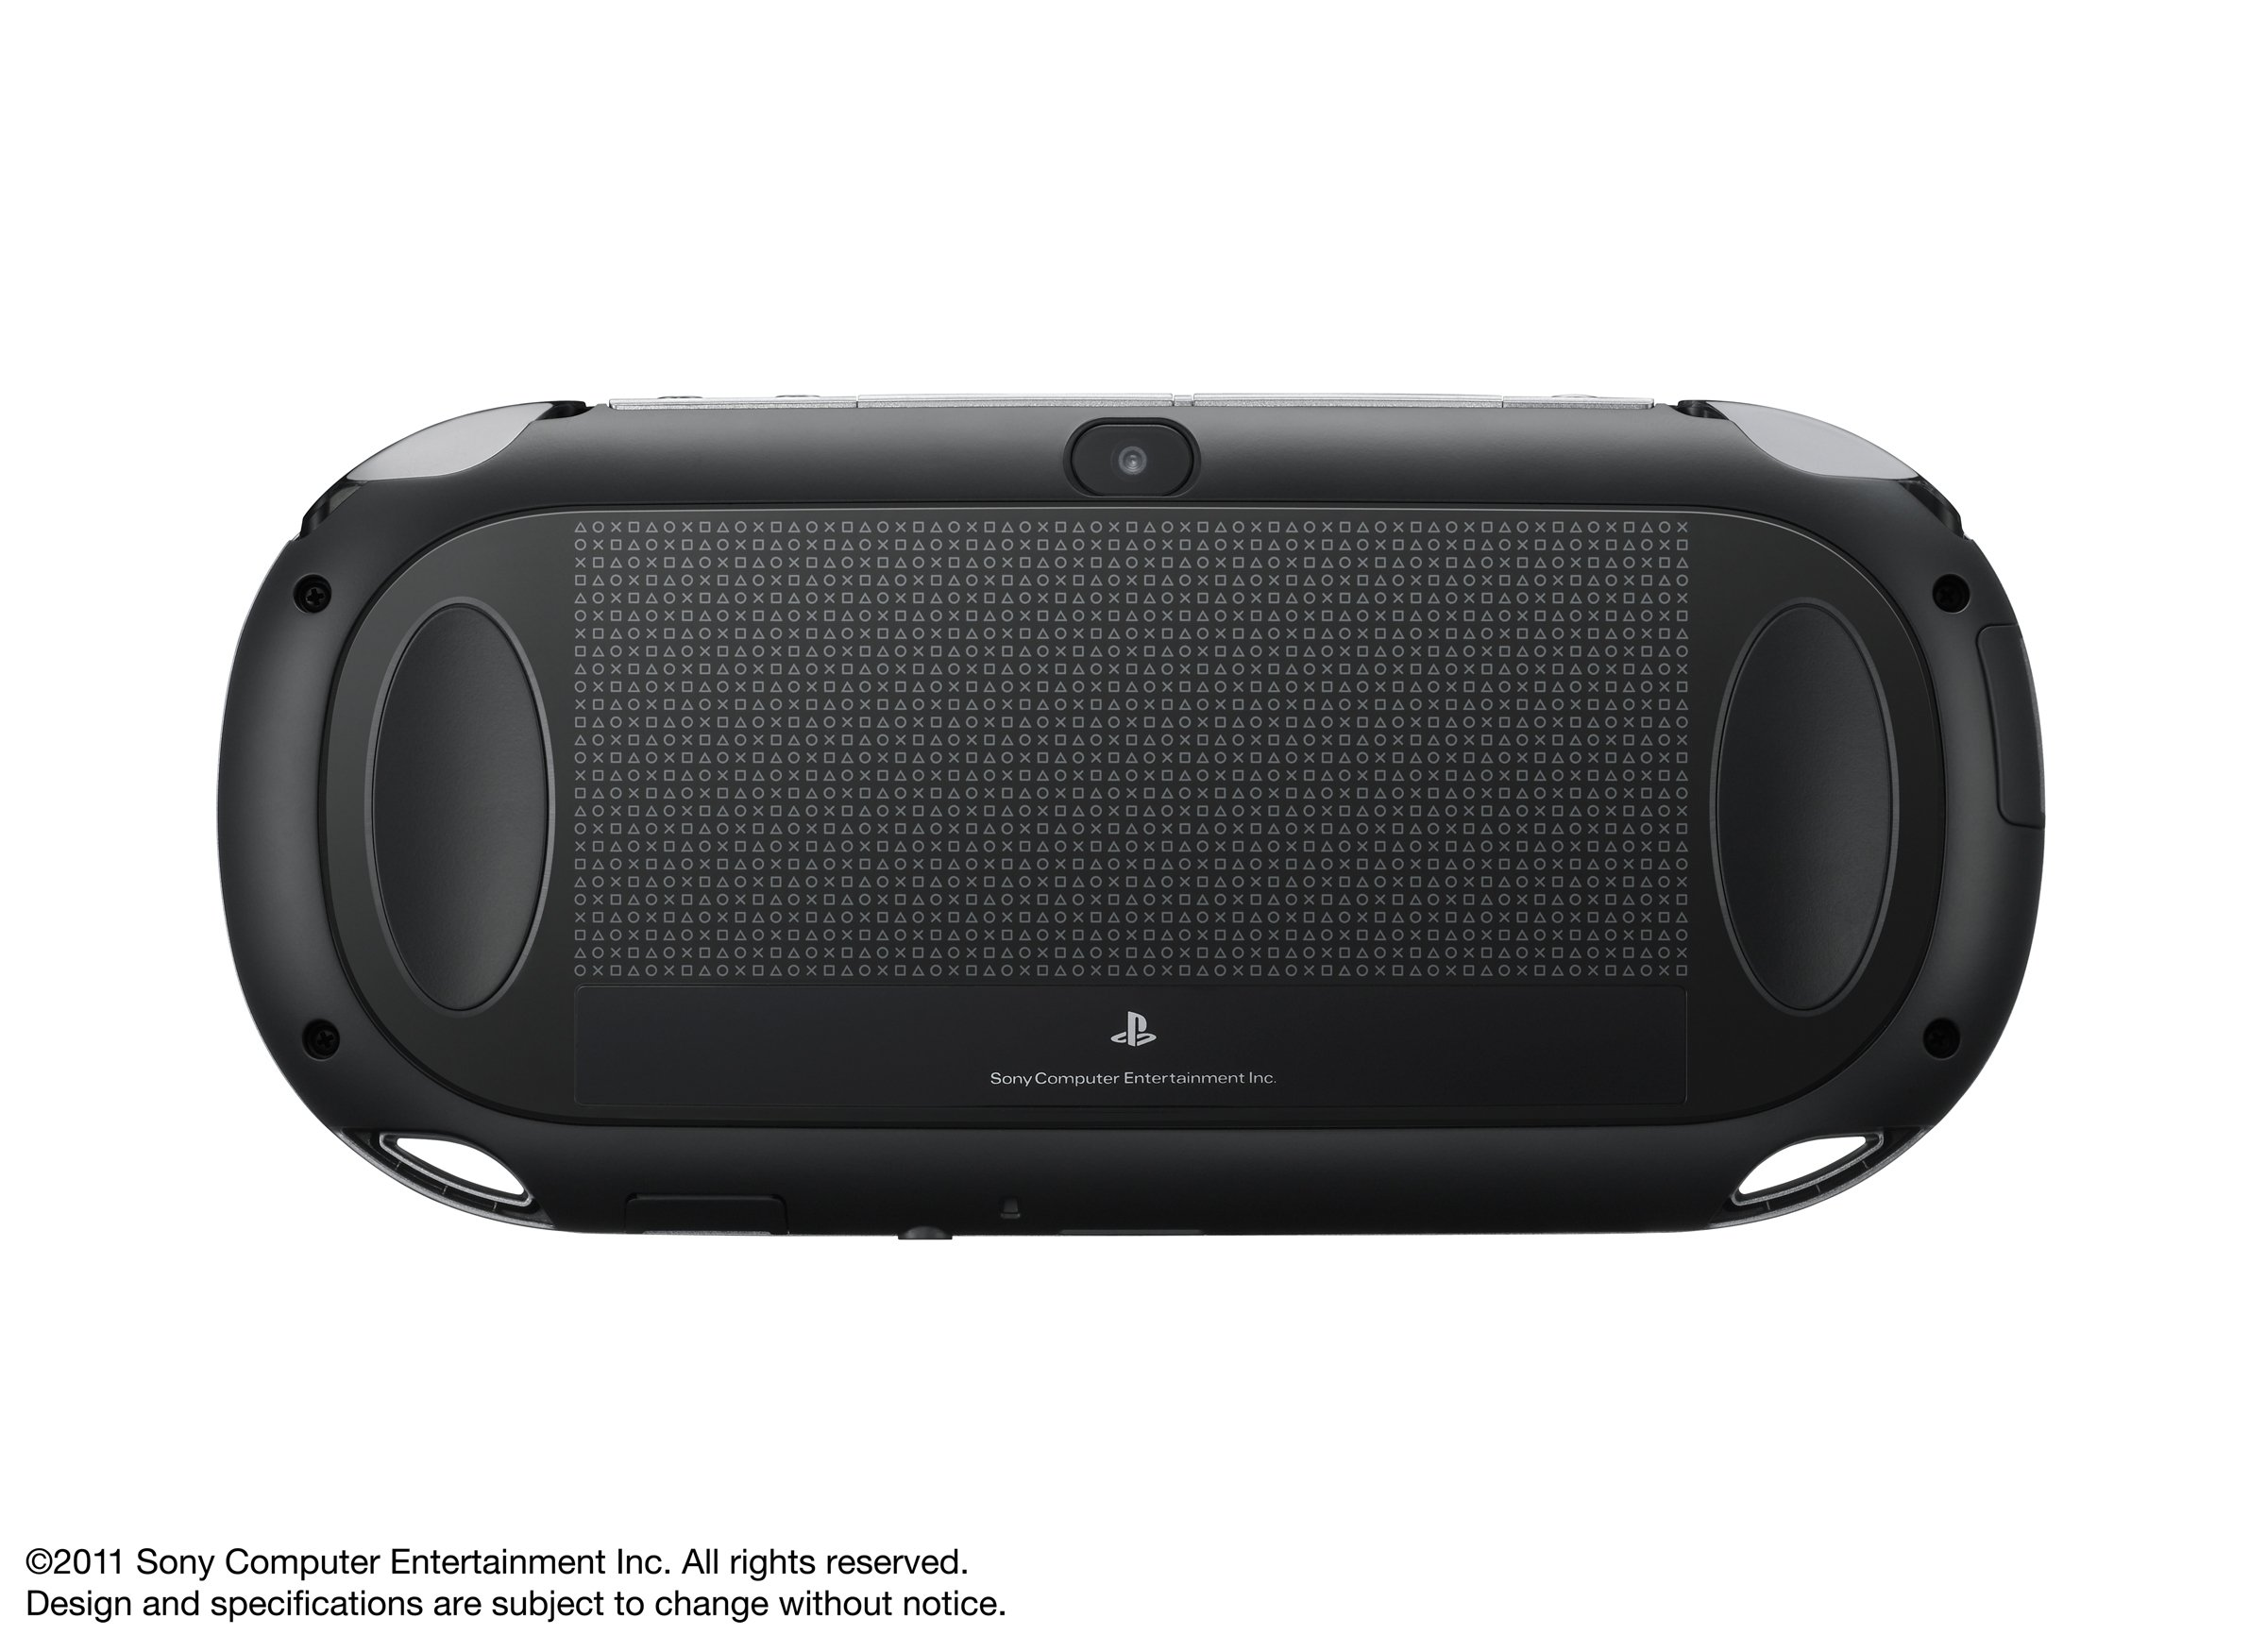 PlayStation Vita 3G/Wi-Fi Model Crystal Black Limited edition (PCH-1100AB01) by Sony (Image #5)